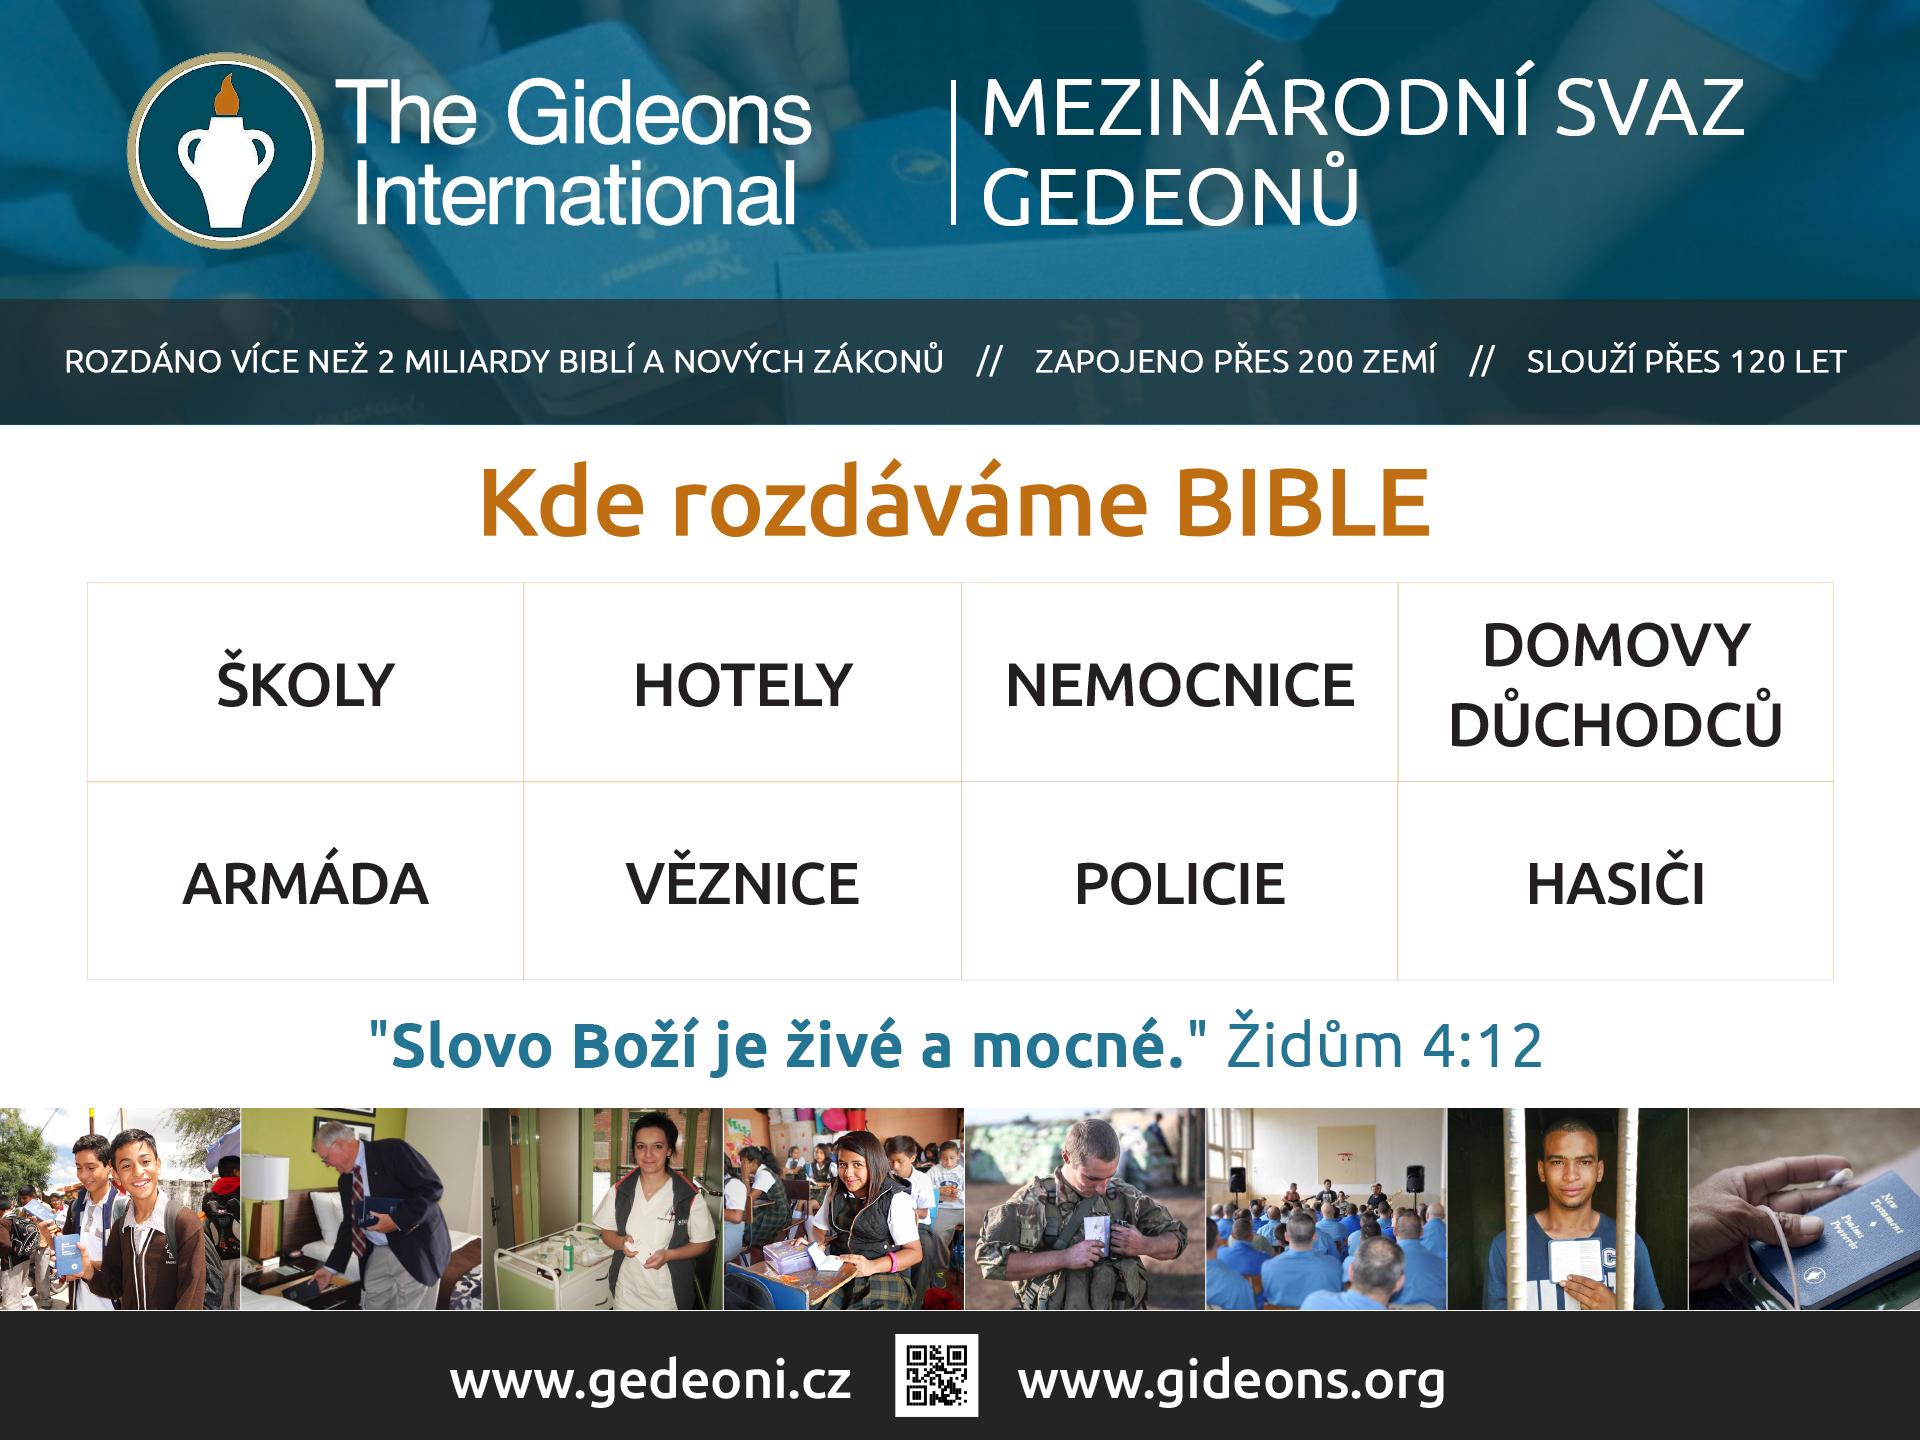 Rozdávání Biblí na Srí Lance